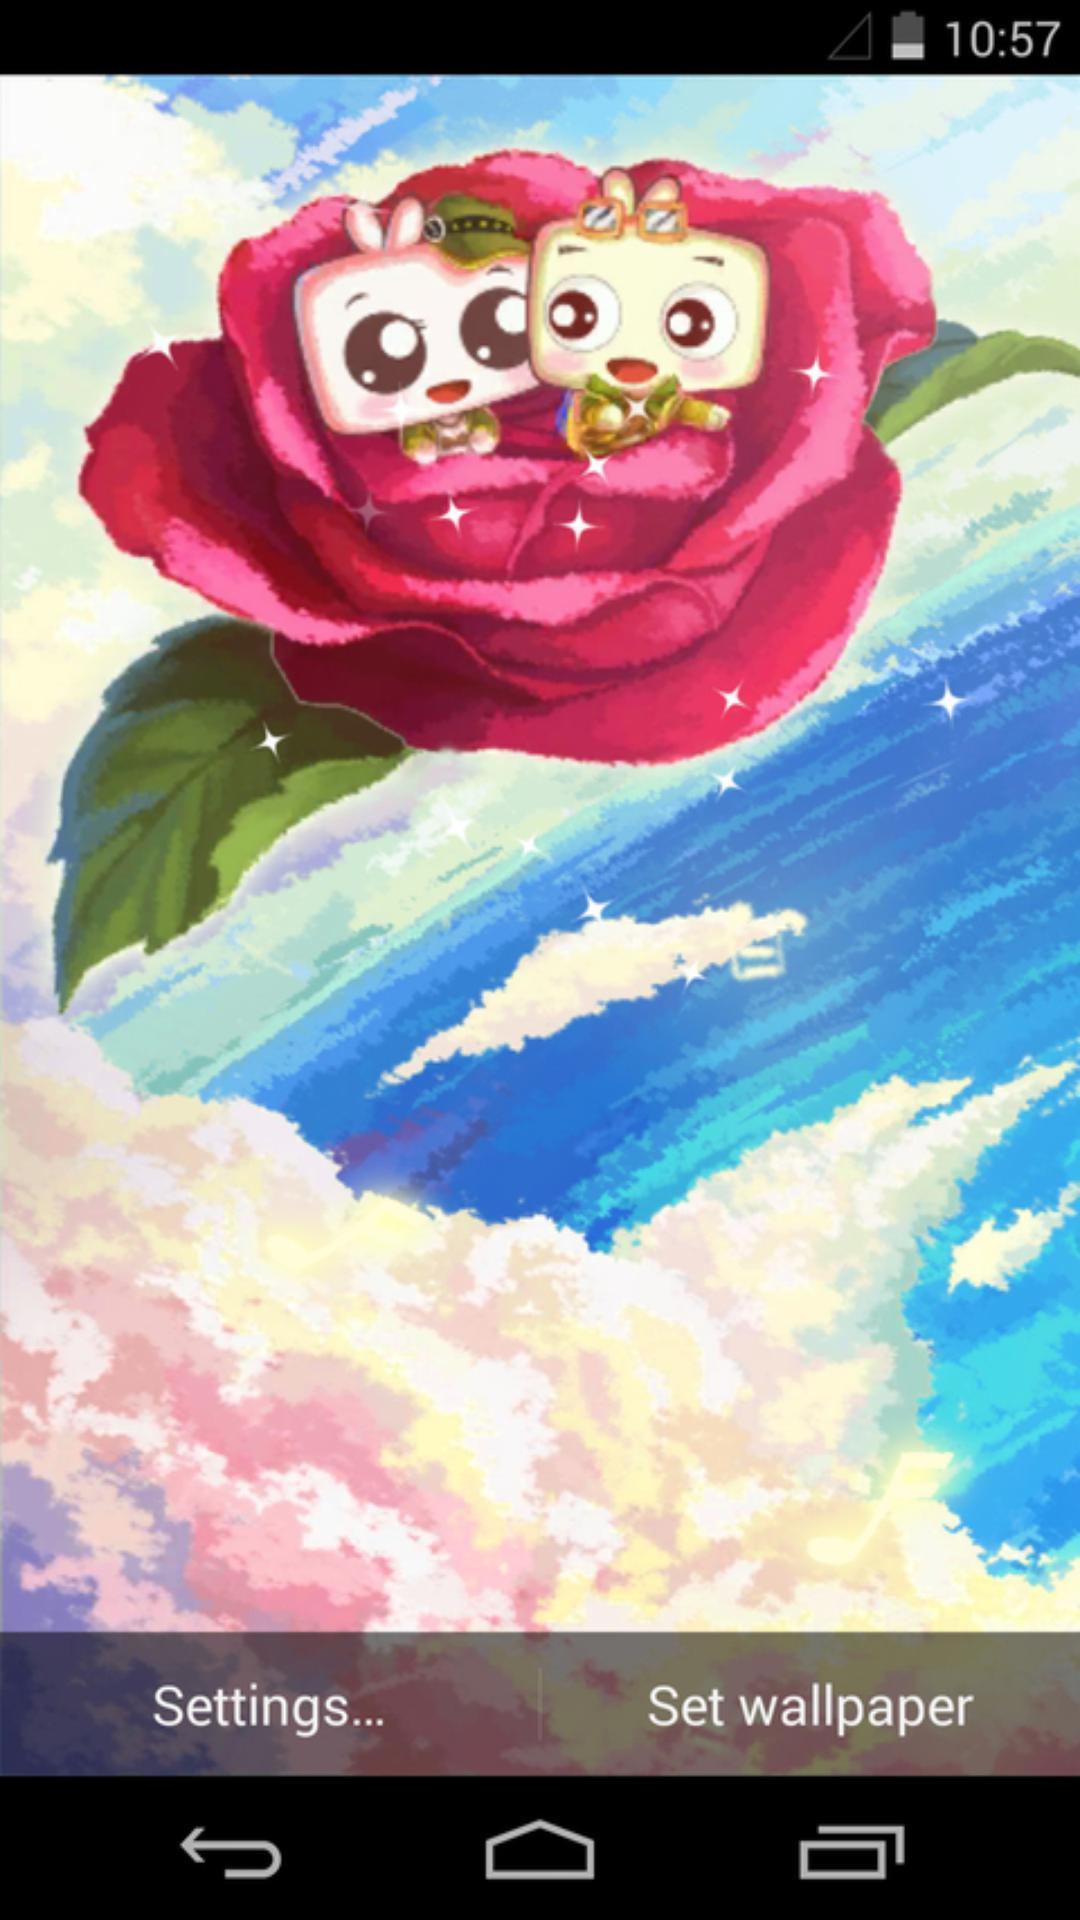 囧囧-玫瑰-梦象动态壁纸